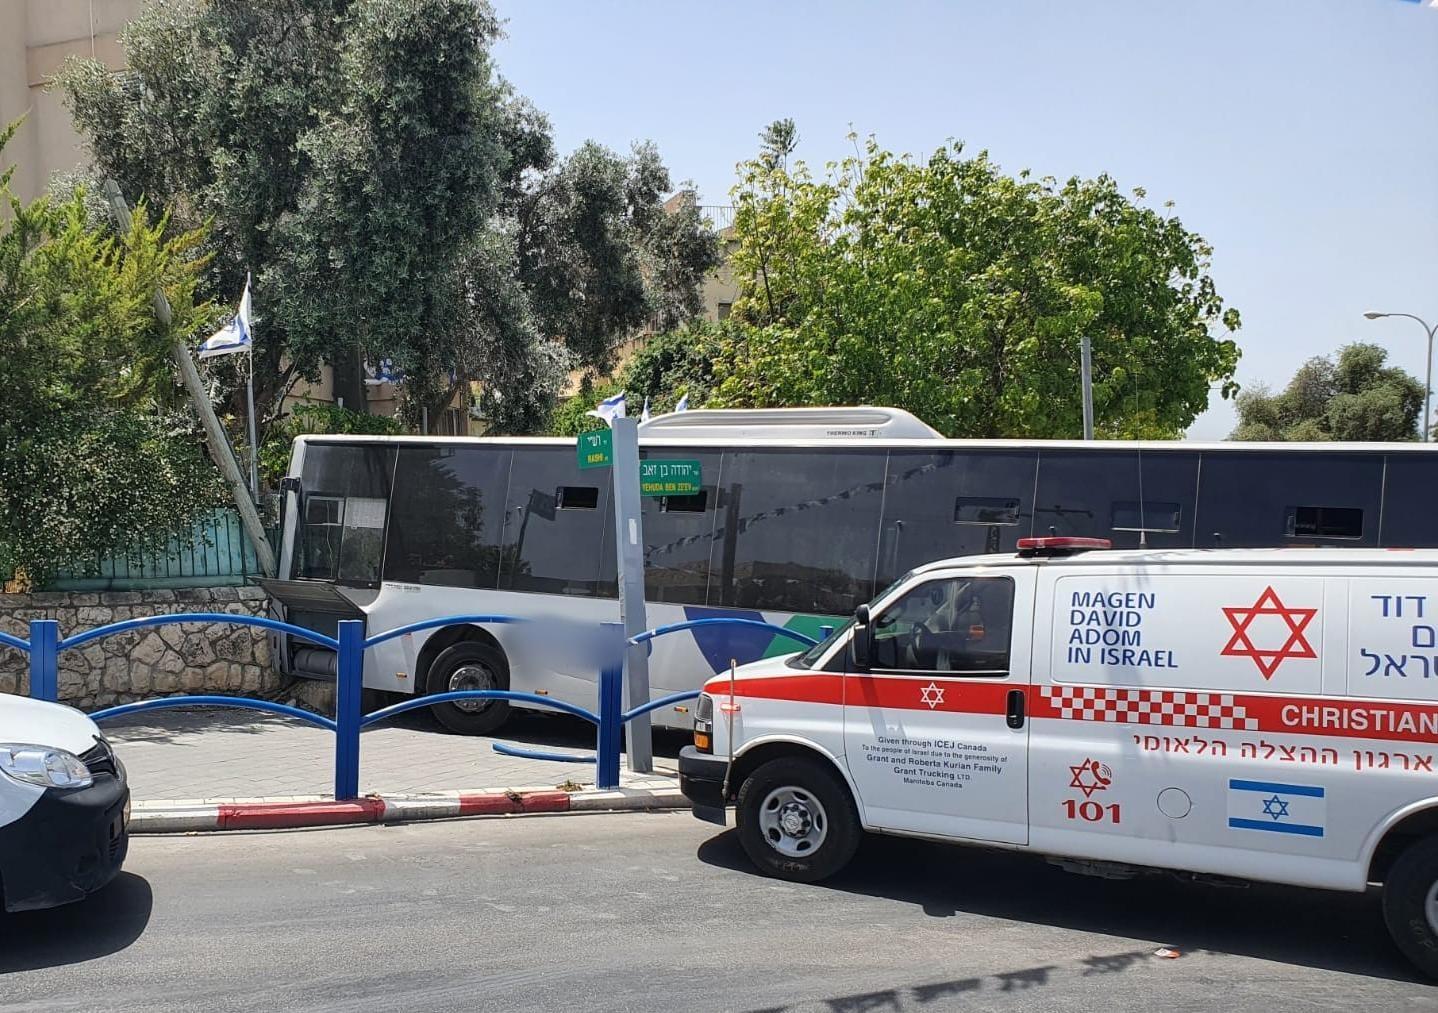 """תאונת האוטובוס בבית שמש (צילום: תיעוד מבצעי מד""""א)"""